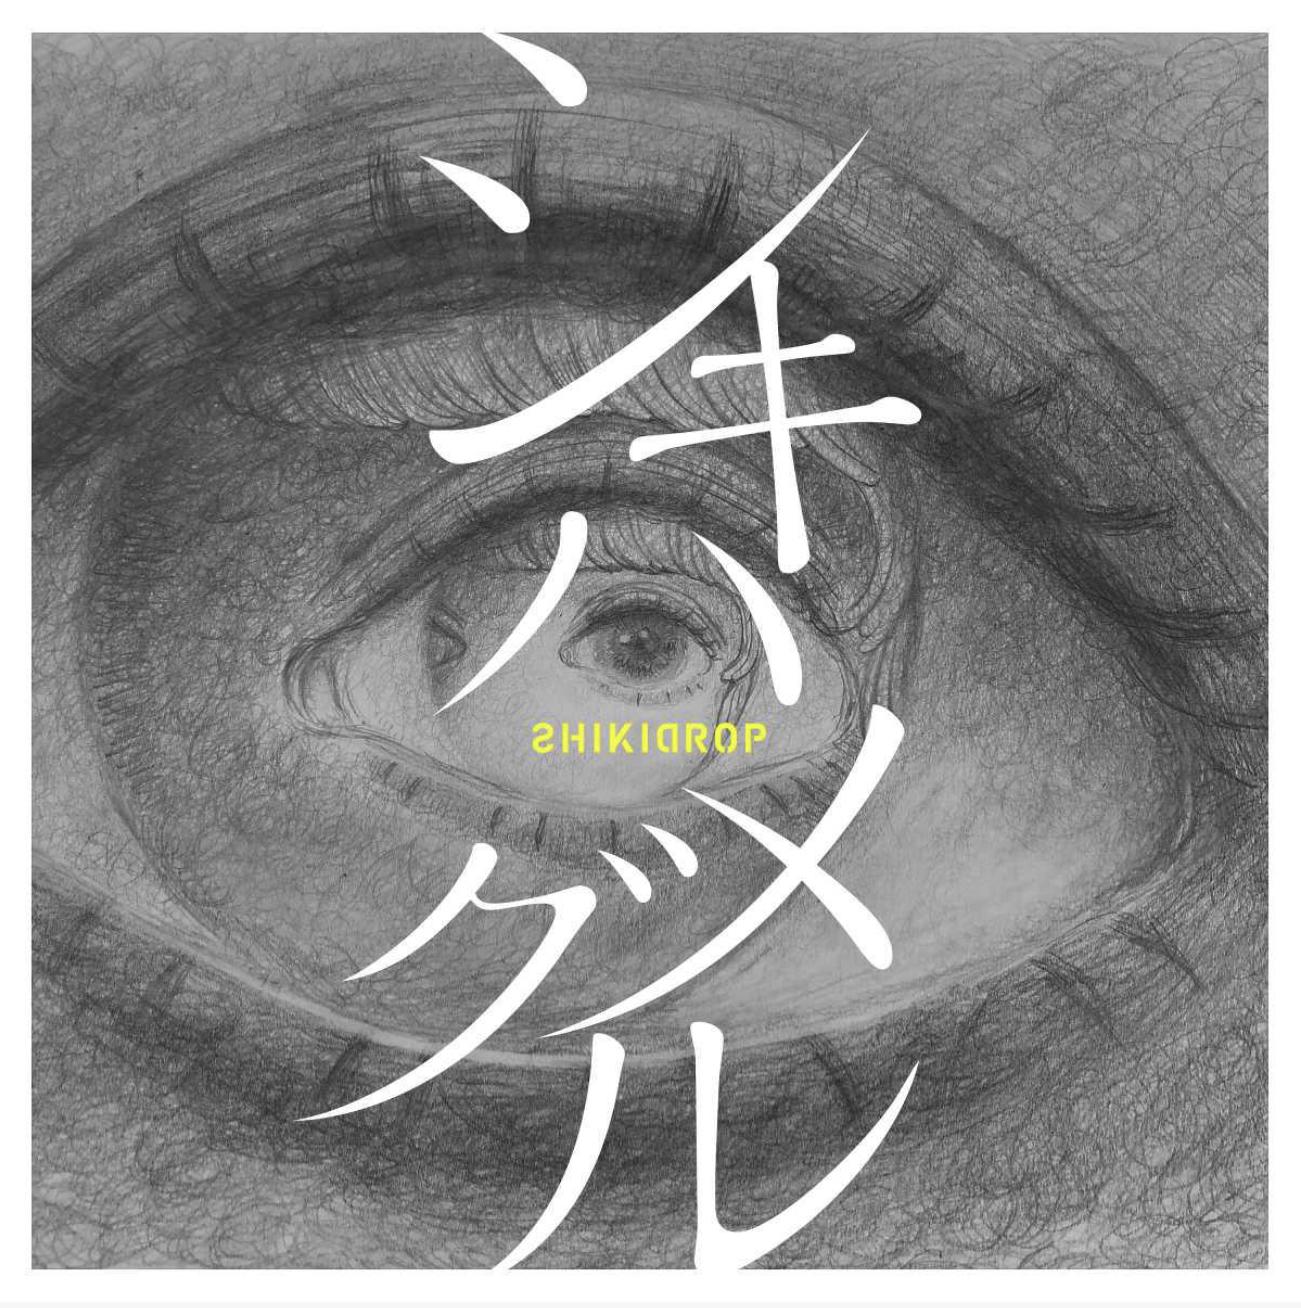 CD(会場限定盤) / ¥2,500(tax in) -収録曲- 01. キミへ 02. おぼろ桜 03. ホタル花火 04. さくら紅葉 05. なごり霙 06. シキハメグル 07. P.S.